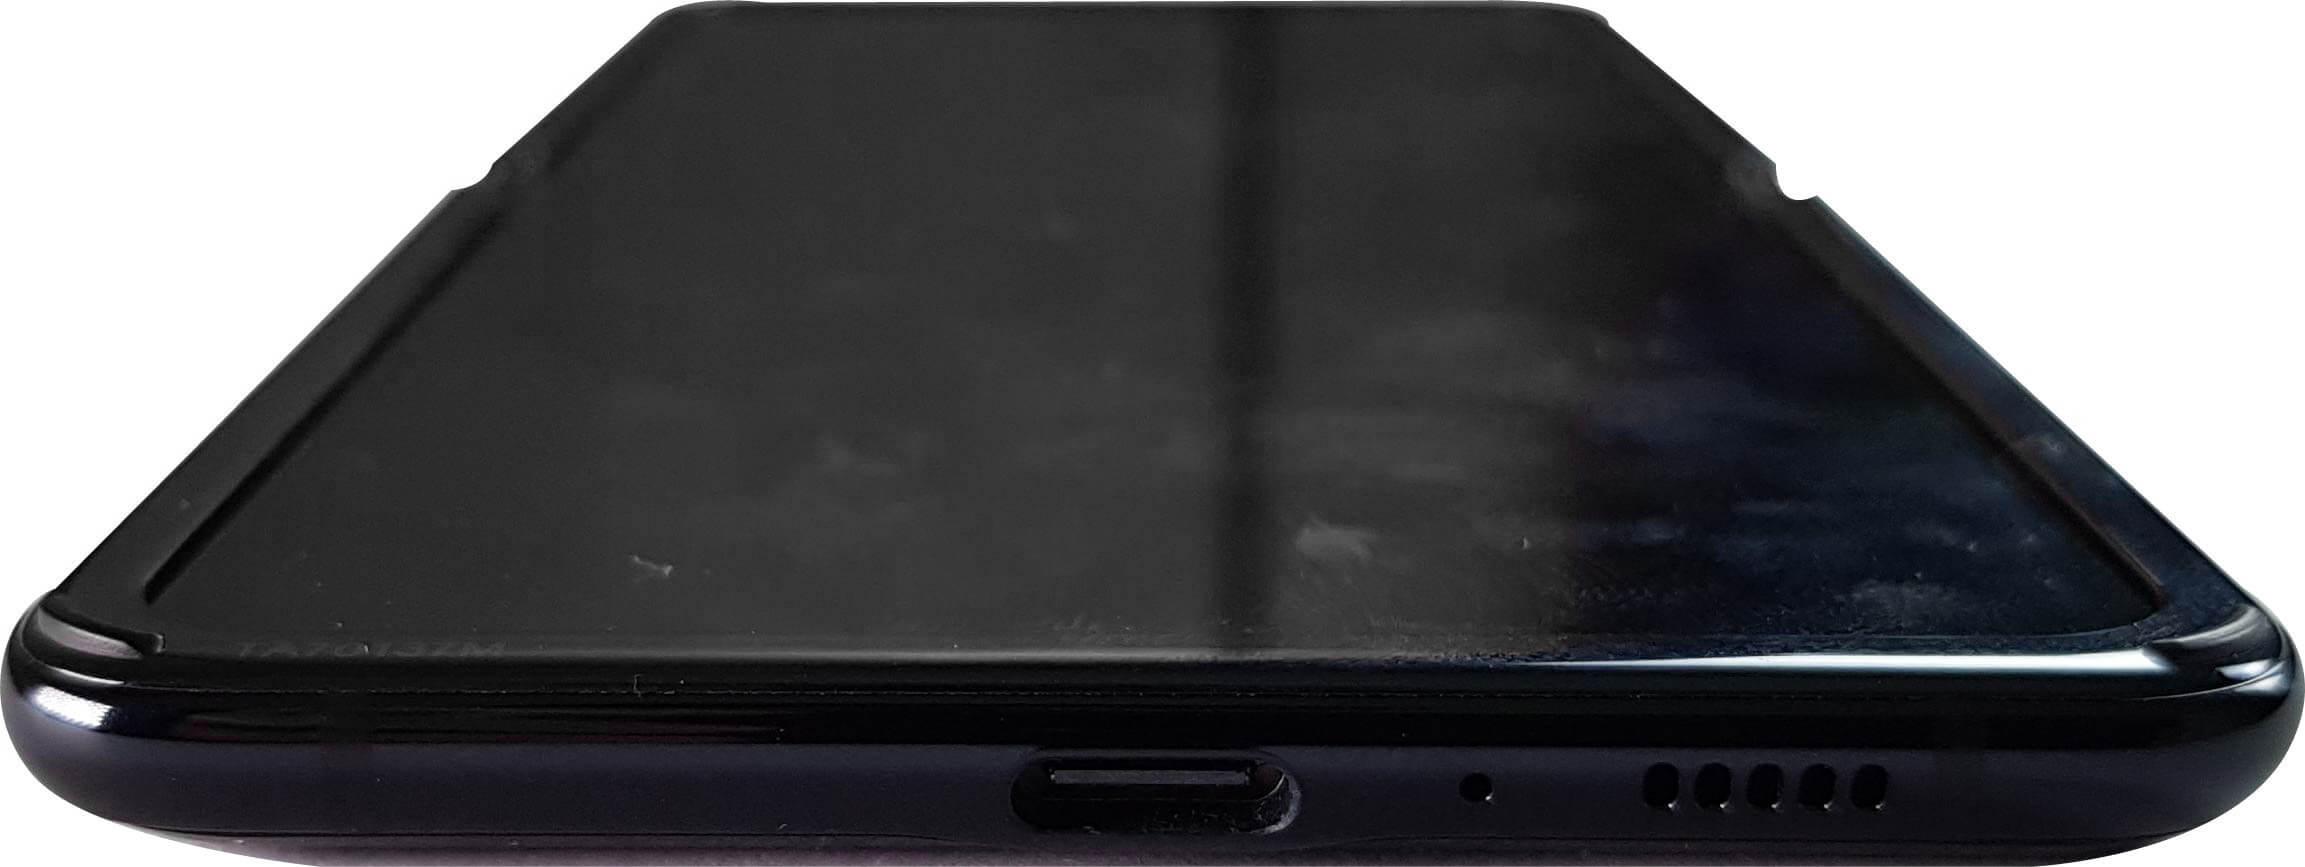 Review Samsung Galaxy Z Flip: una experiencia exclusiva